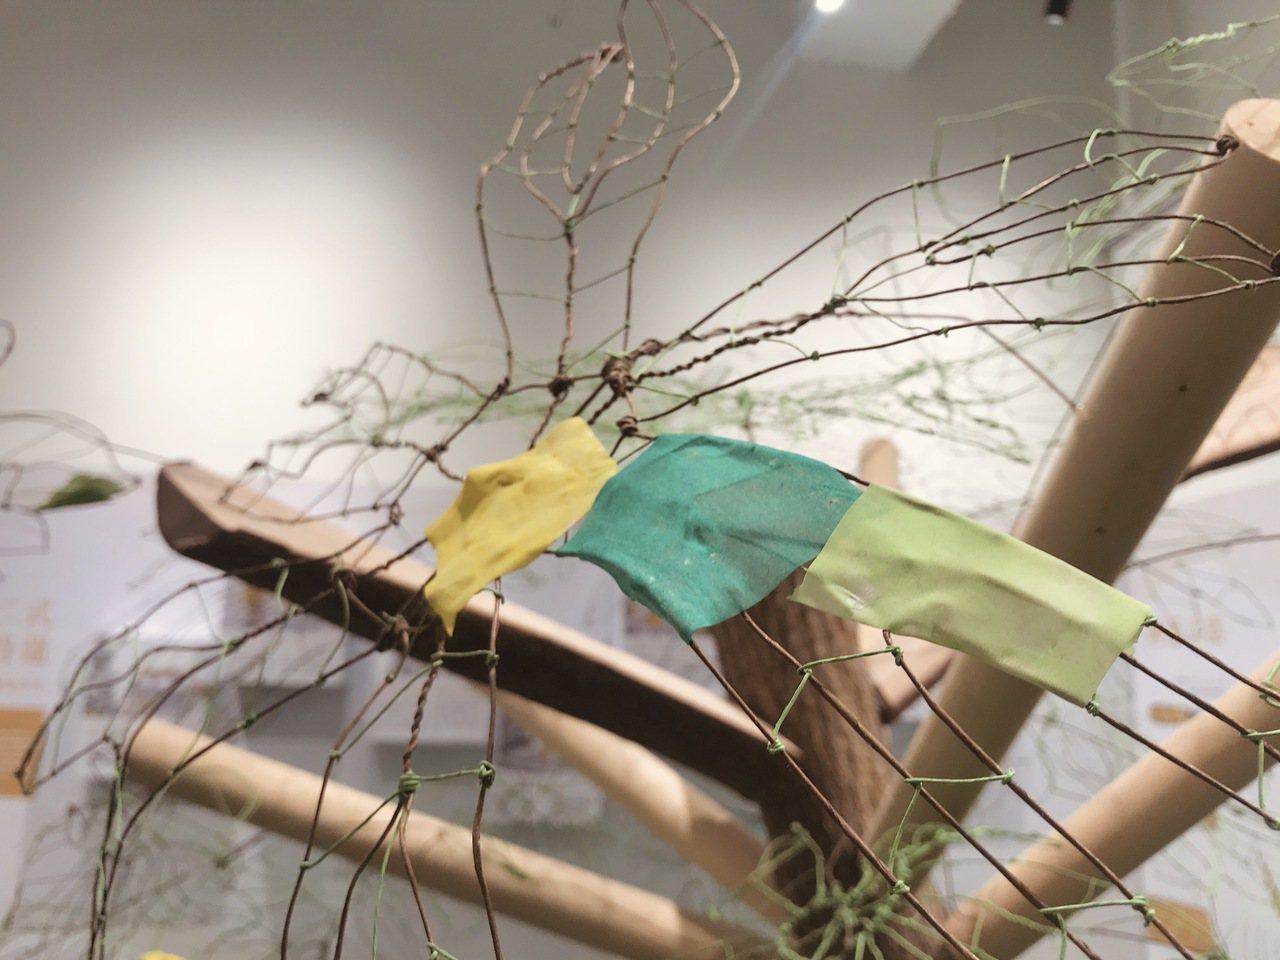 蓪草樹在200年前,曾是新竹最重要的經濟作物,其枝幹間的嫩莖可作為藥材、蓪草紙。...